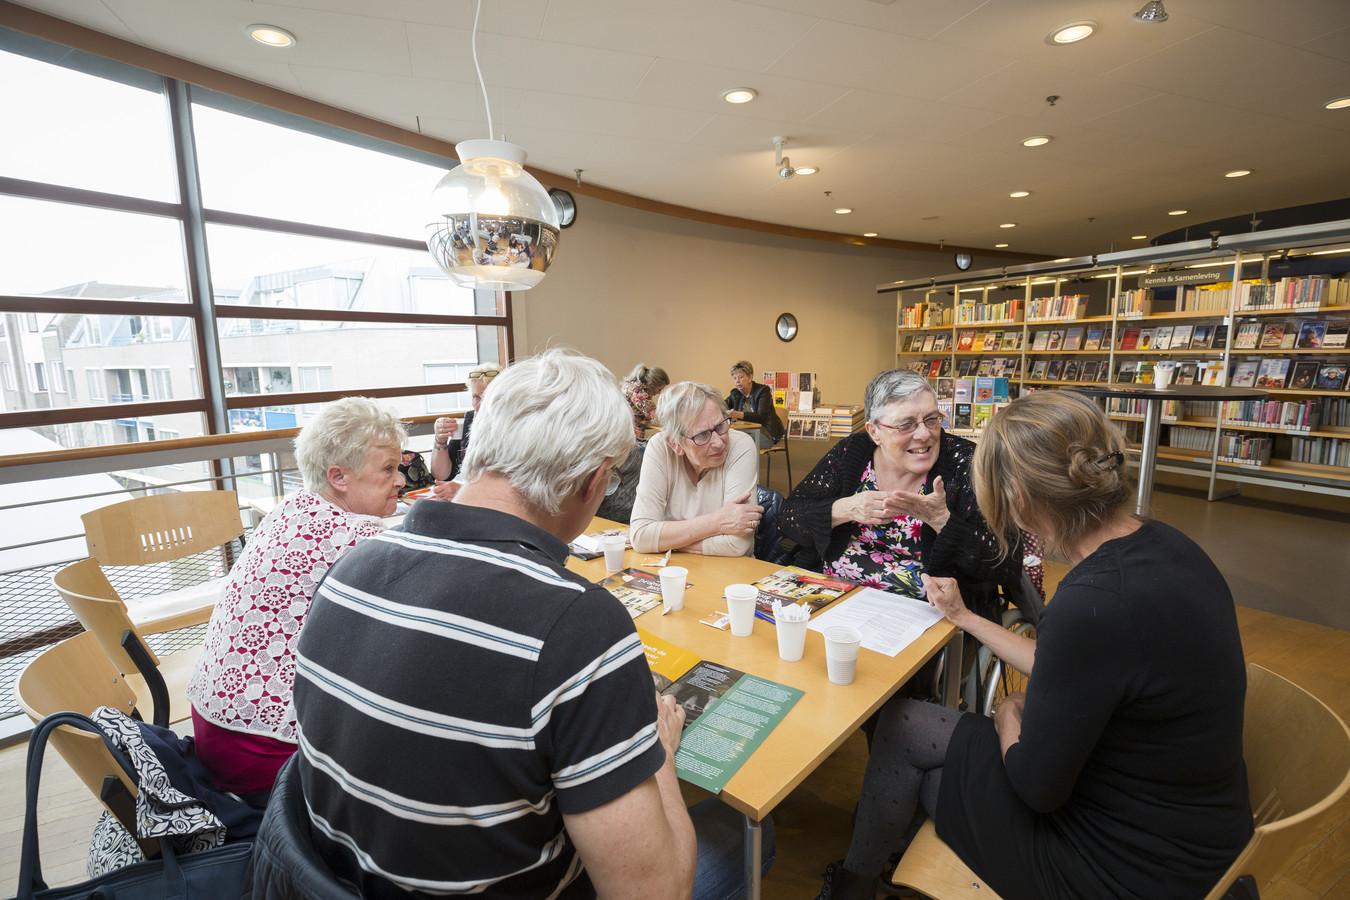 Meer dan 100 mensen wilden meer informatie over de werking van wietolie. Onder hen ook Elly Beek (2e van rechts), hier in gesprek met Suver Nuver-vrijwilligster Sandra Rozeman.